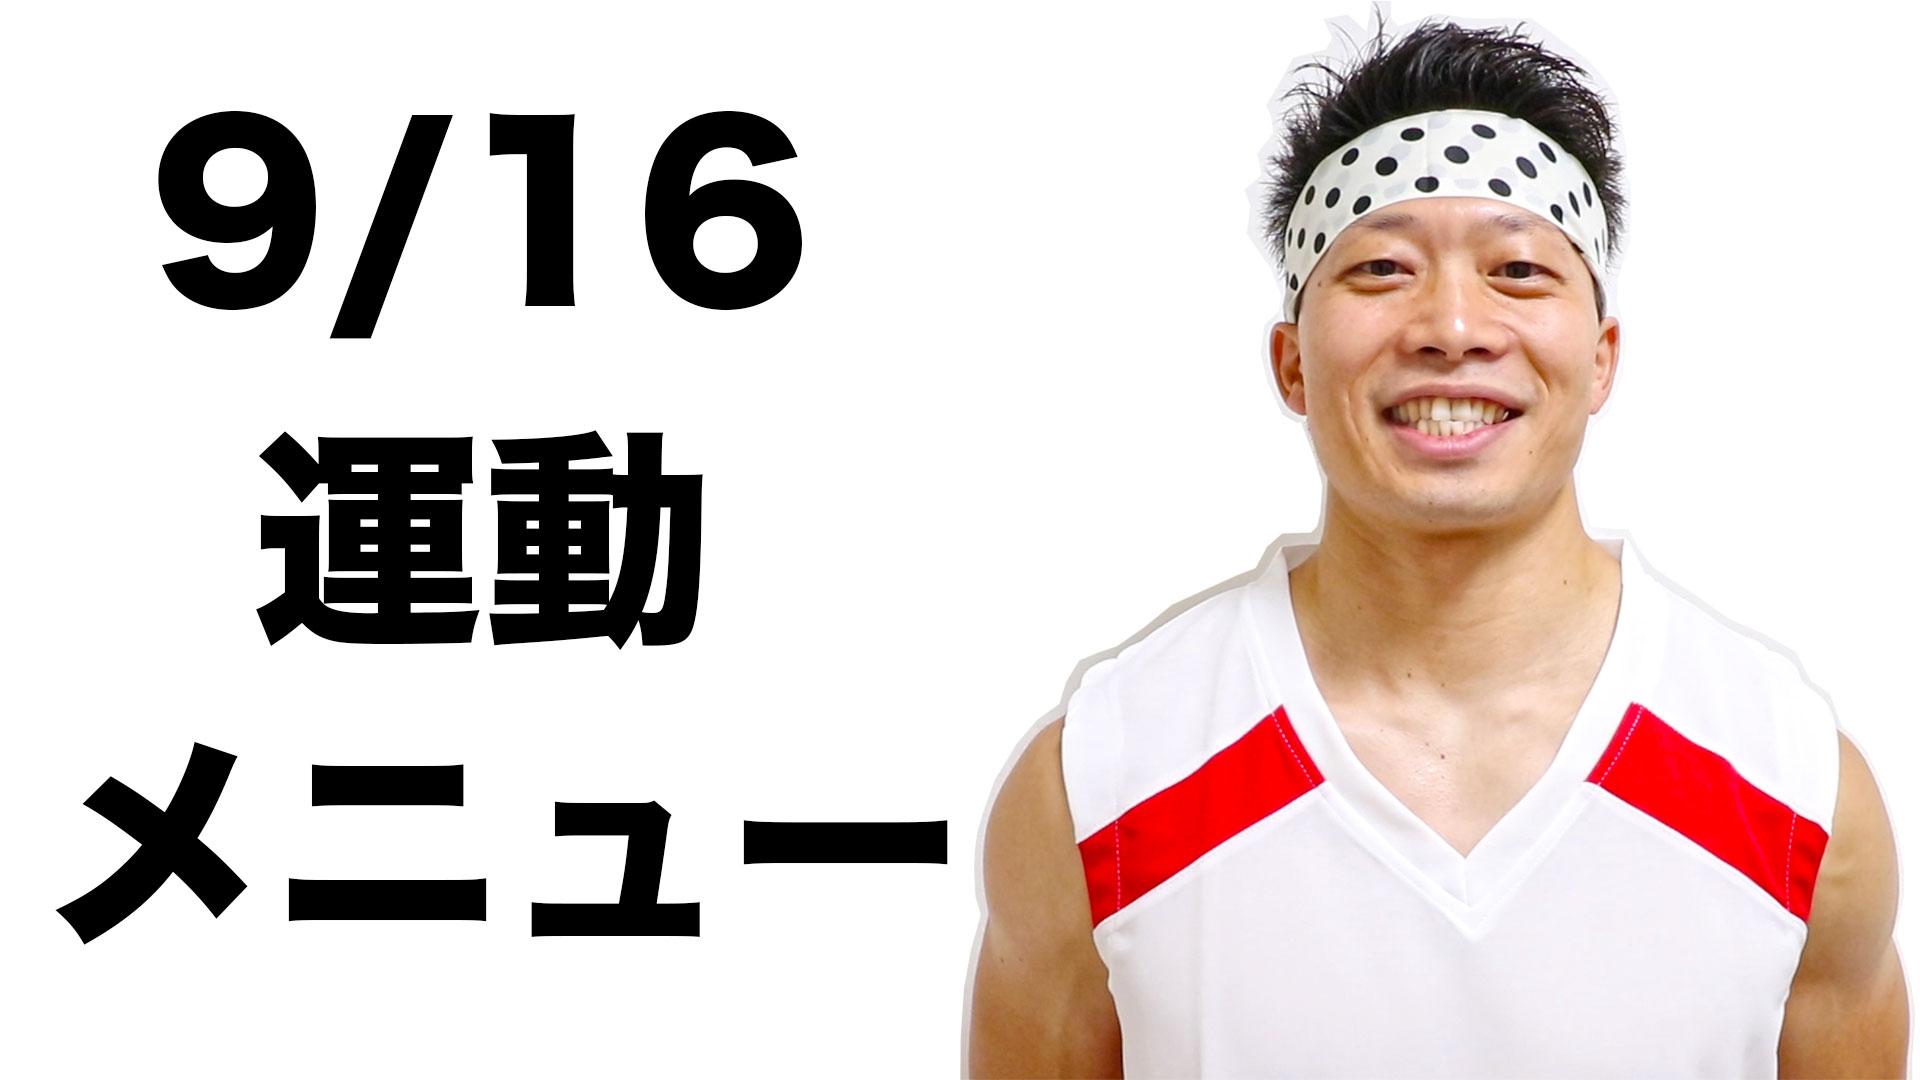 【ハロウィン筋トレ】9/16の腹筋を割る運動メニュー!